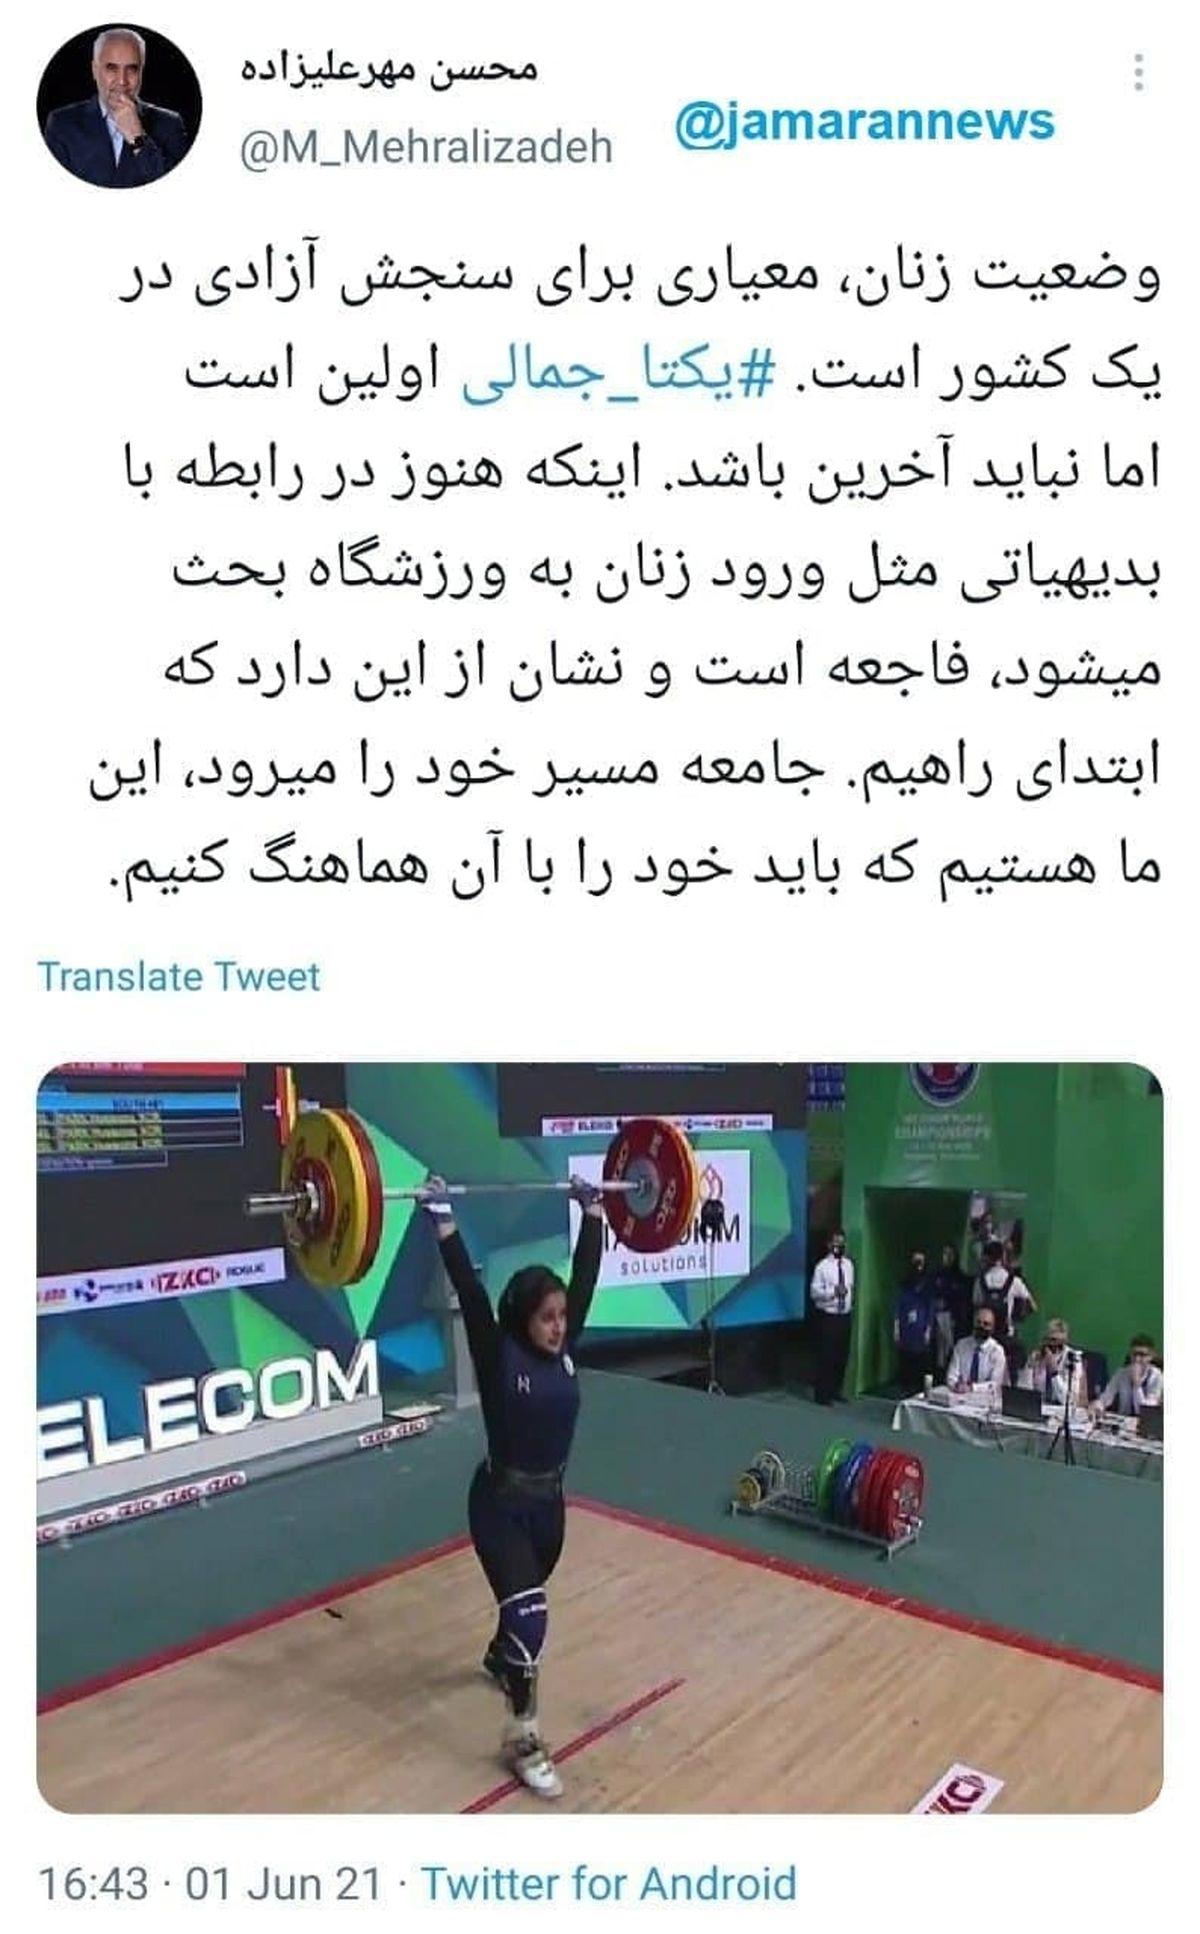 واکنش مهرعلیزاده به کسب مقام دختر وزنهبردار ایرانی